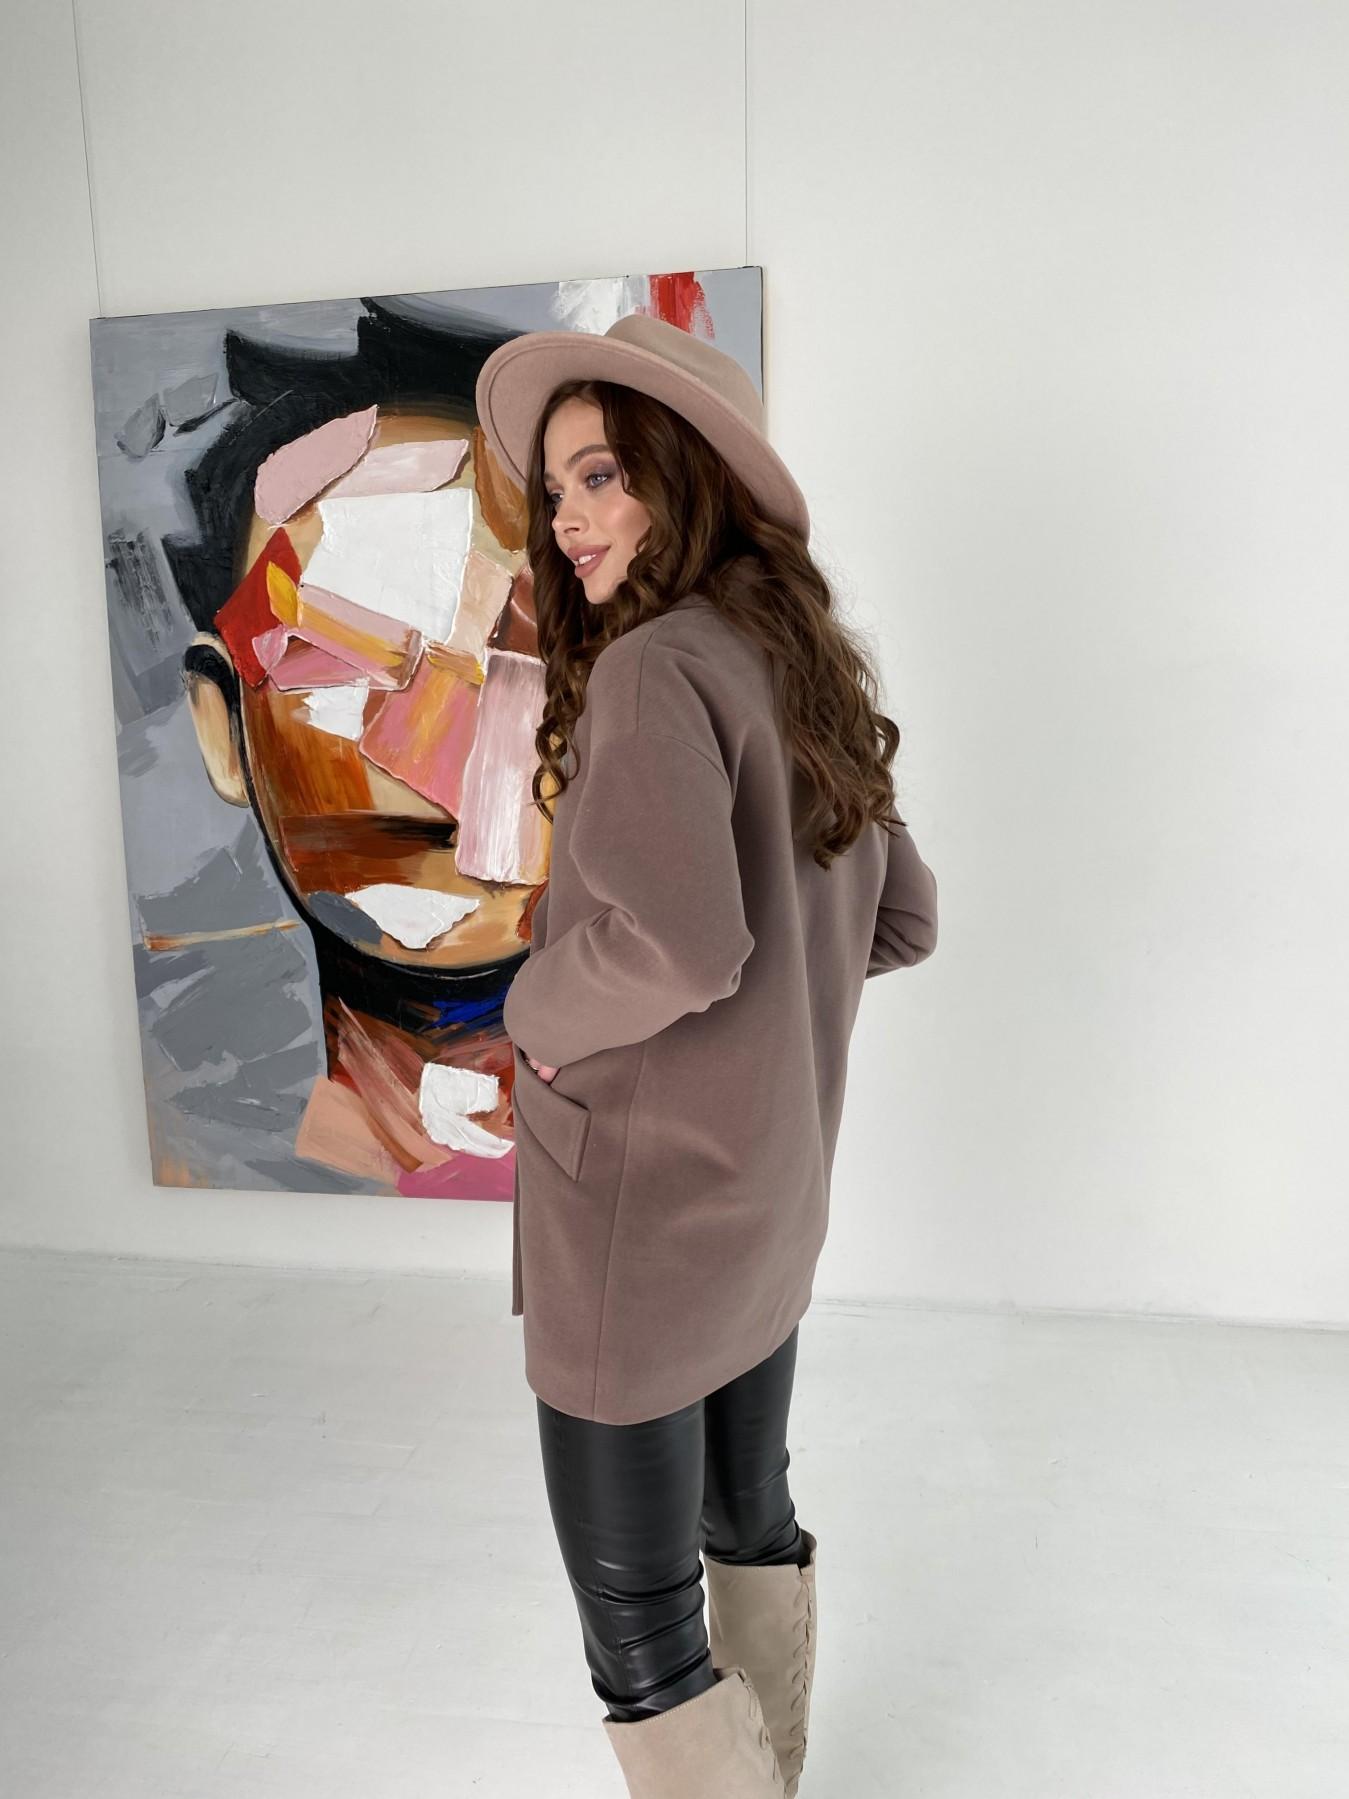 Бонд пальто кашемировое на трикотаже 10642 АРТ. 47009 Цвет: Кофе - фото 7, интернет магазин tm-modus.ru